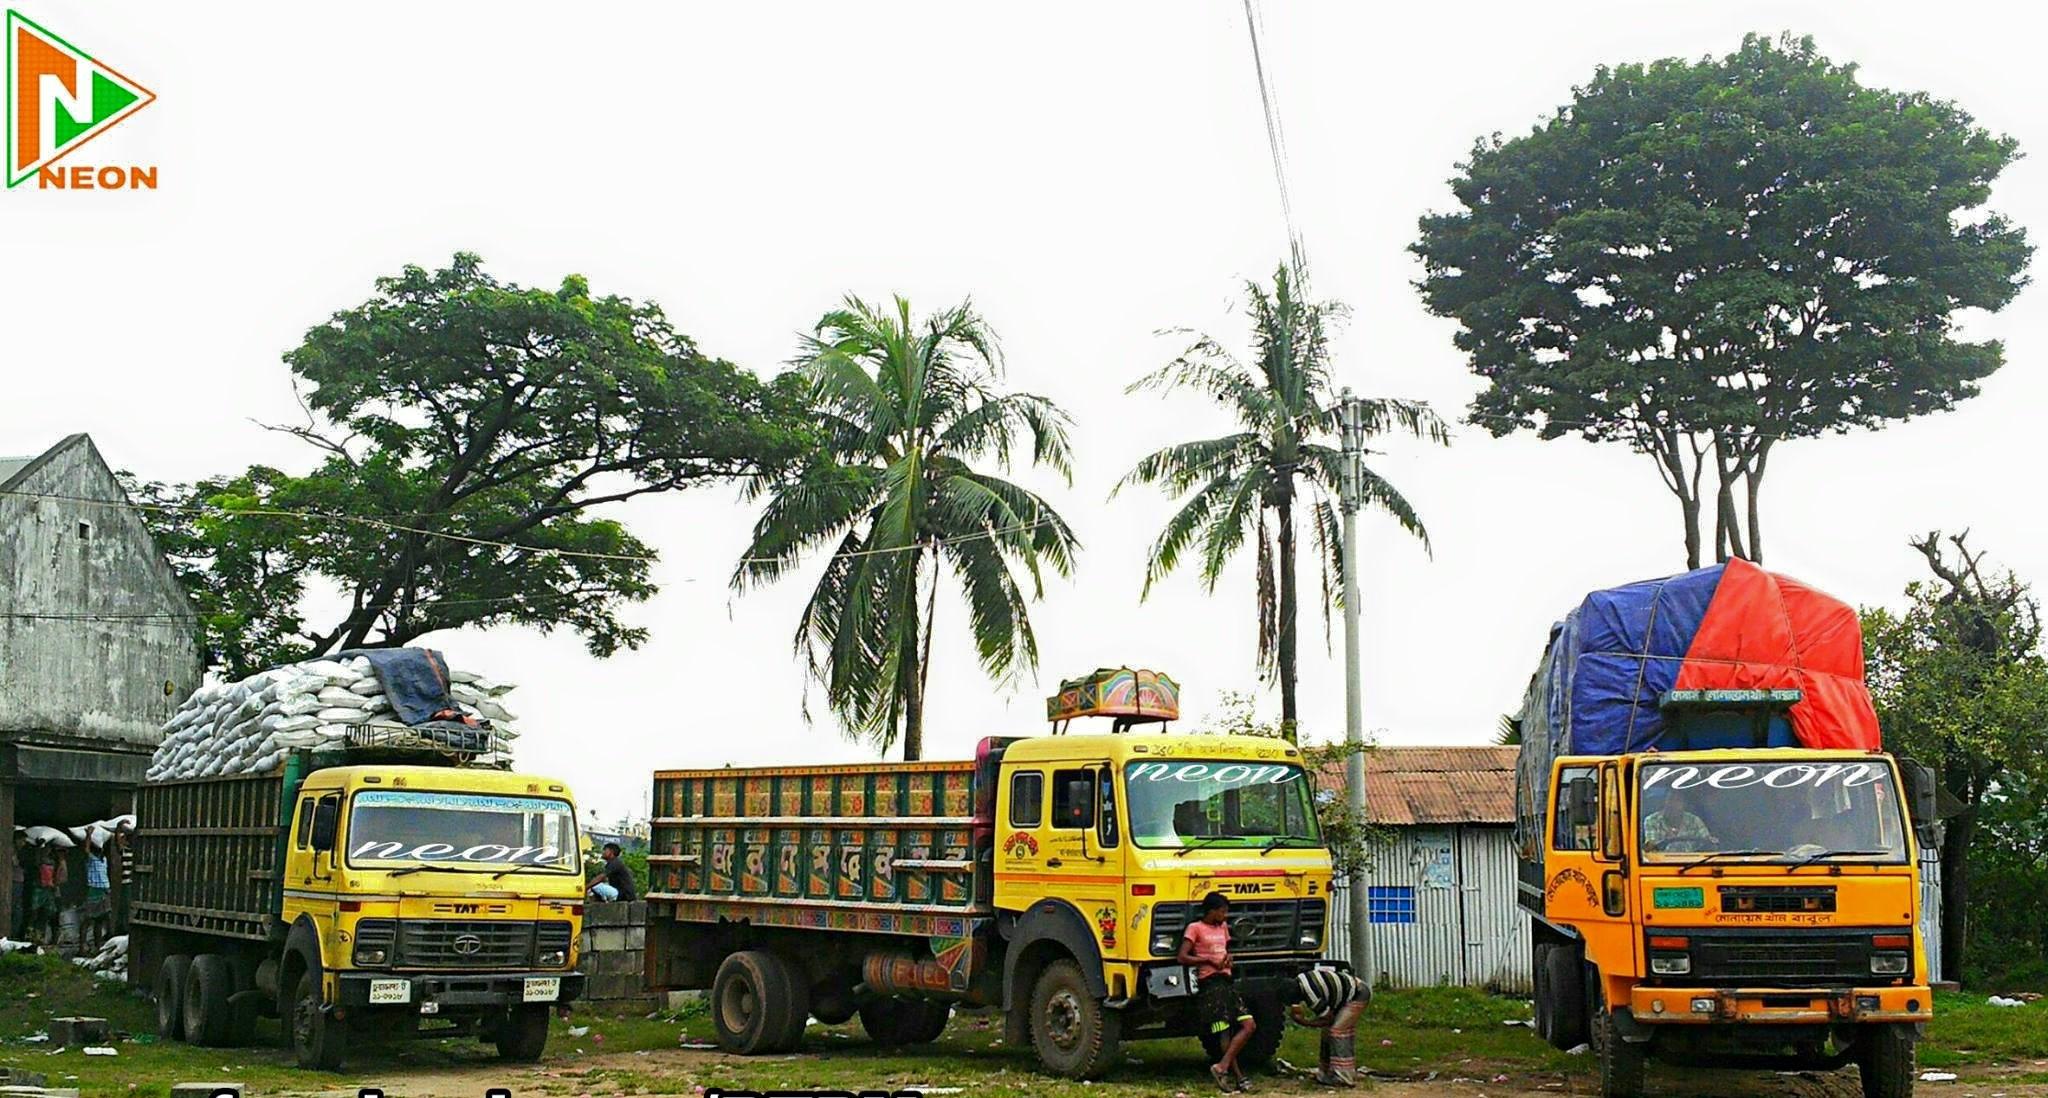 Tata-2516-C-Tata-1615-C-Ashok-Leyland-2516-Il--Sadarghat-Chittagong-